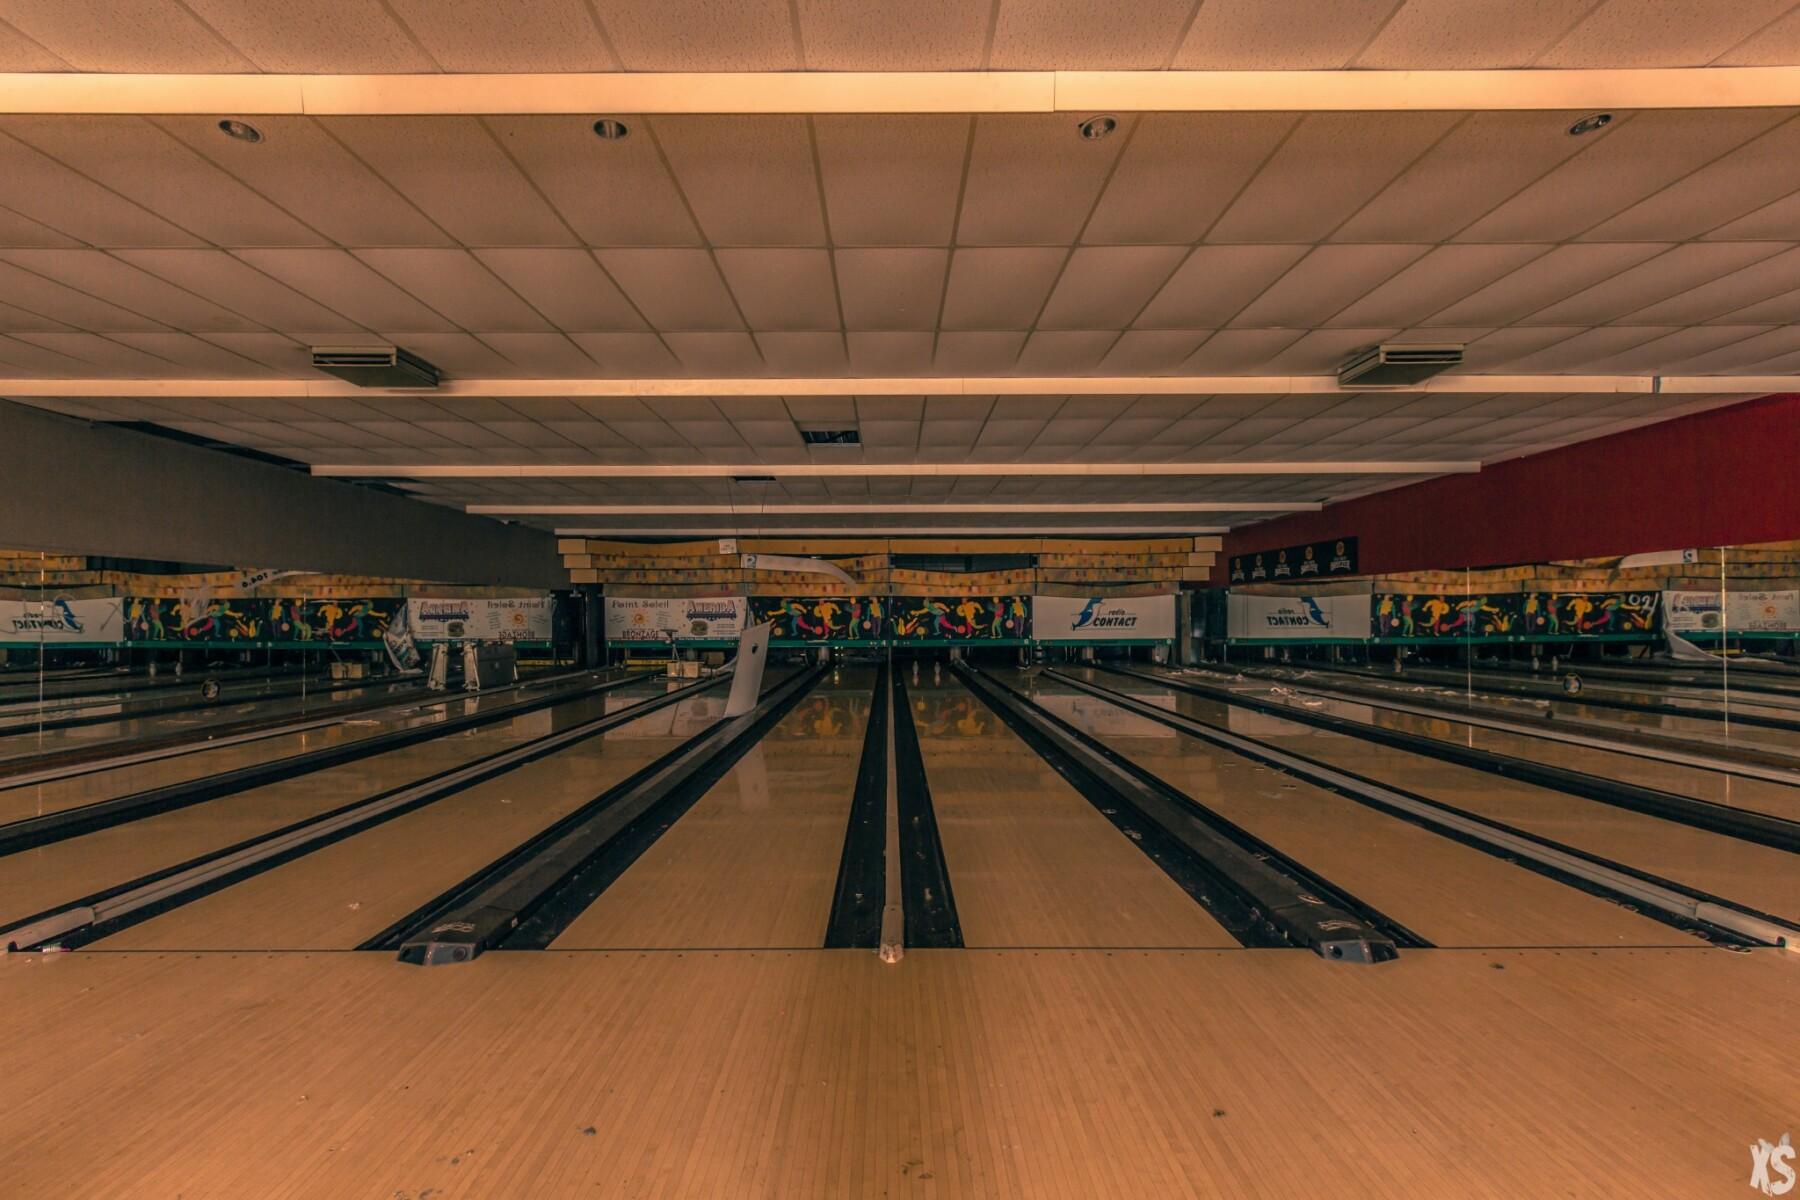 Bowling abandonné en Belgique   urbexsession.com/bowling-artur-ryno   Urbex Belgique